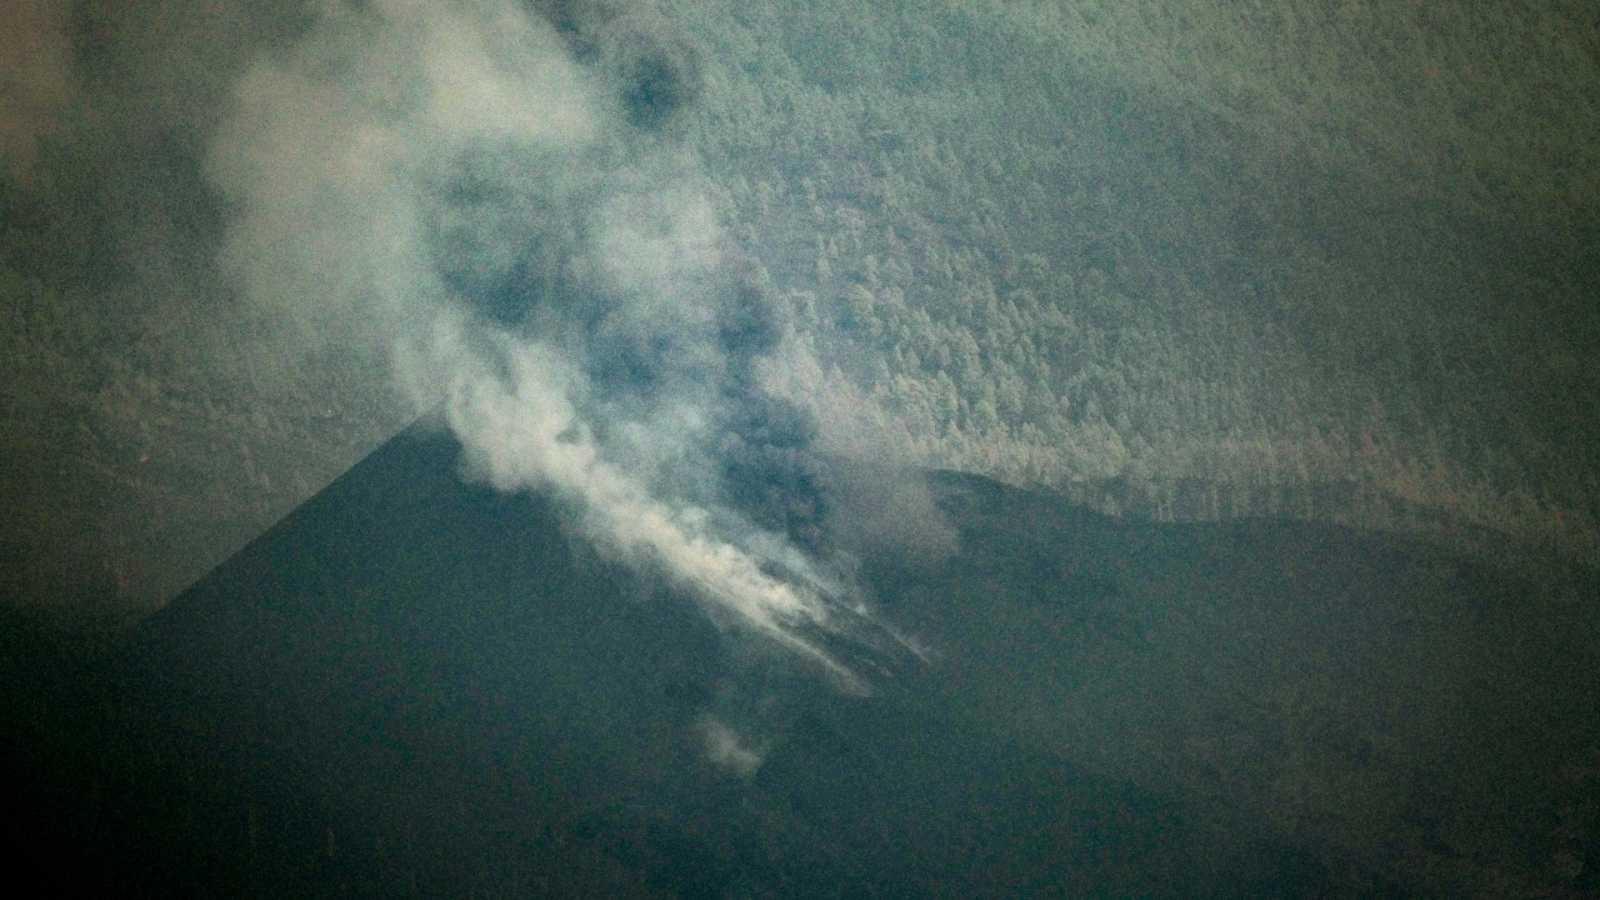 El volcán vuelve a activarse tras un periodo de recarga - Ver ahora